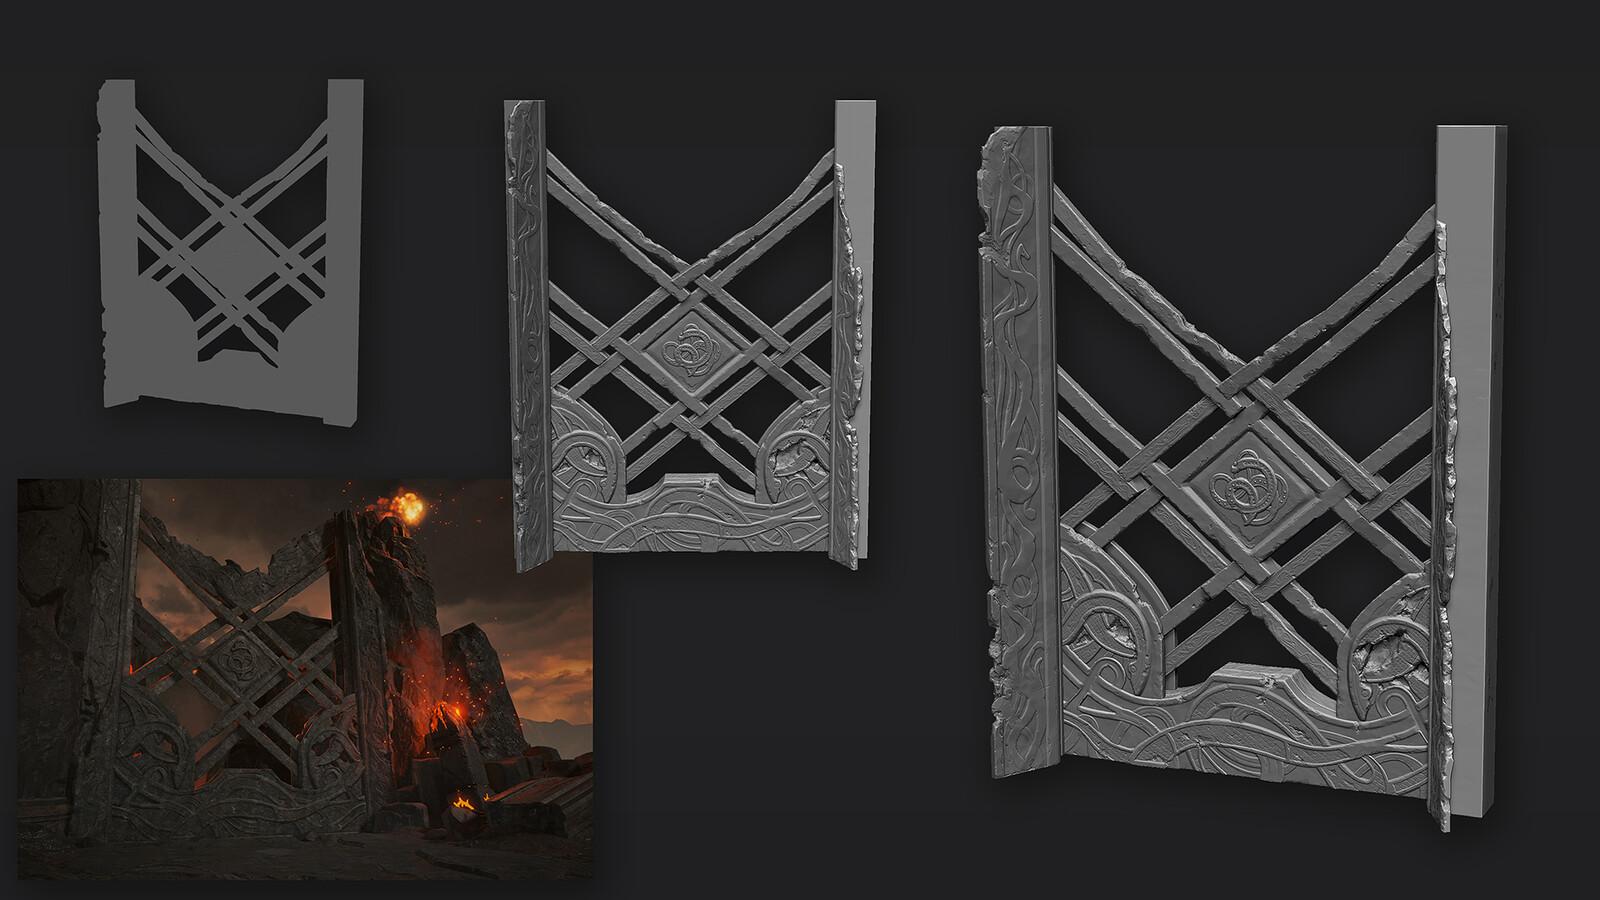 Arena gates